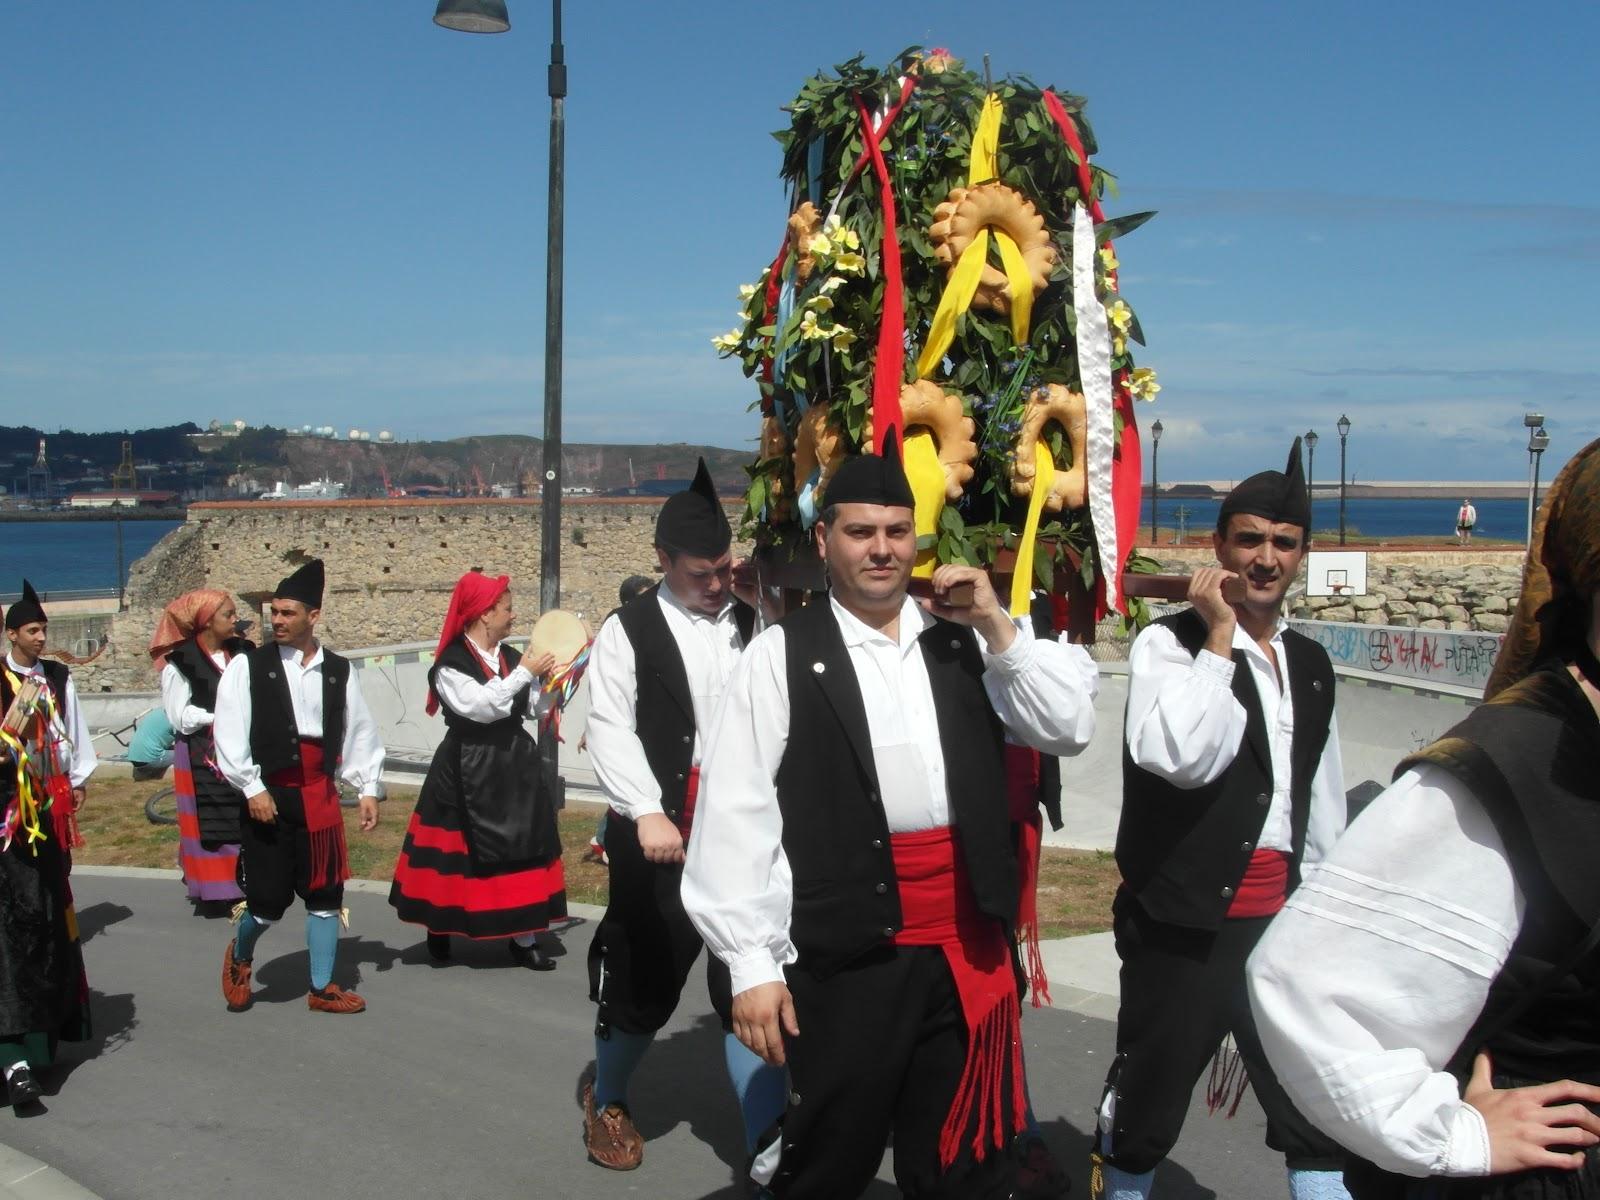 Cultura y folklore espa ol agosto 2012 for Tanatorio jardines de noega